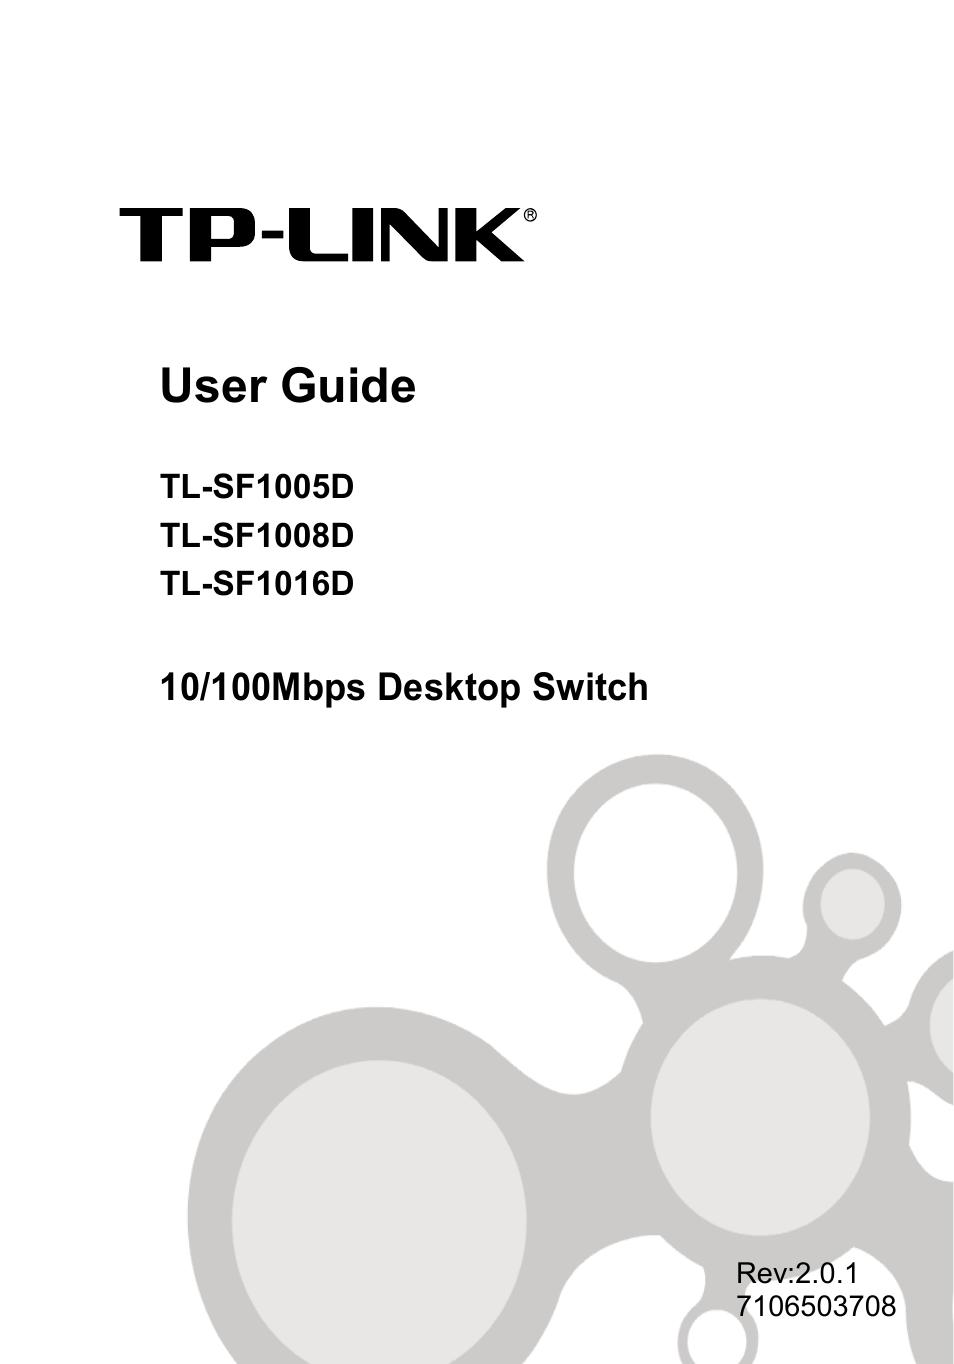 Tp-link tl-sf1016d   linkdataguard. Com.